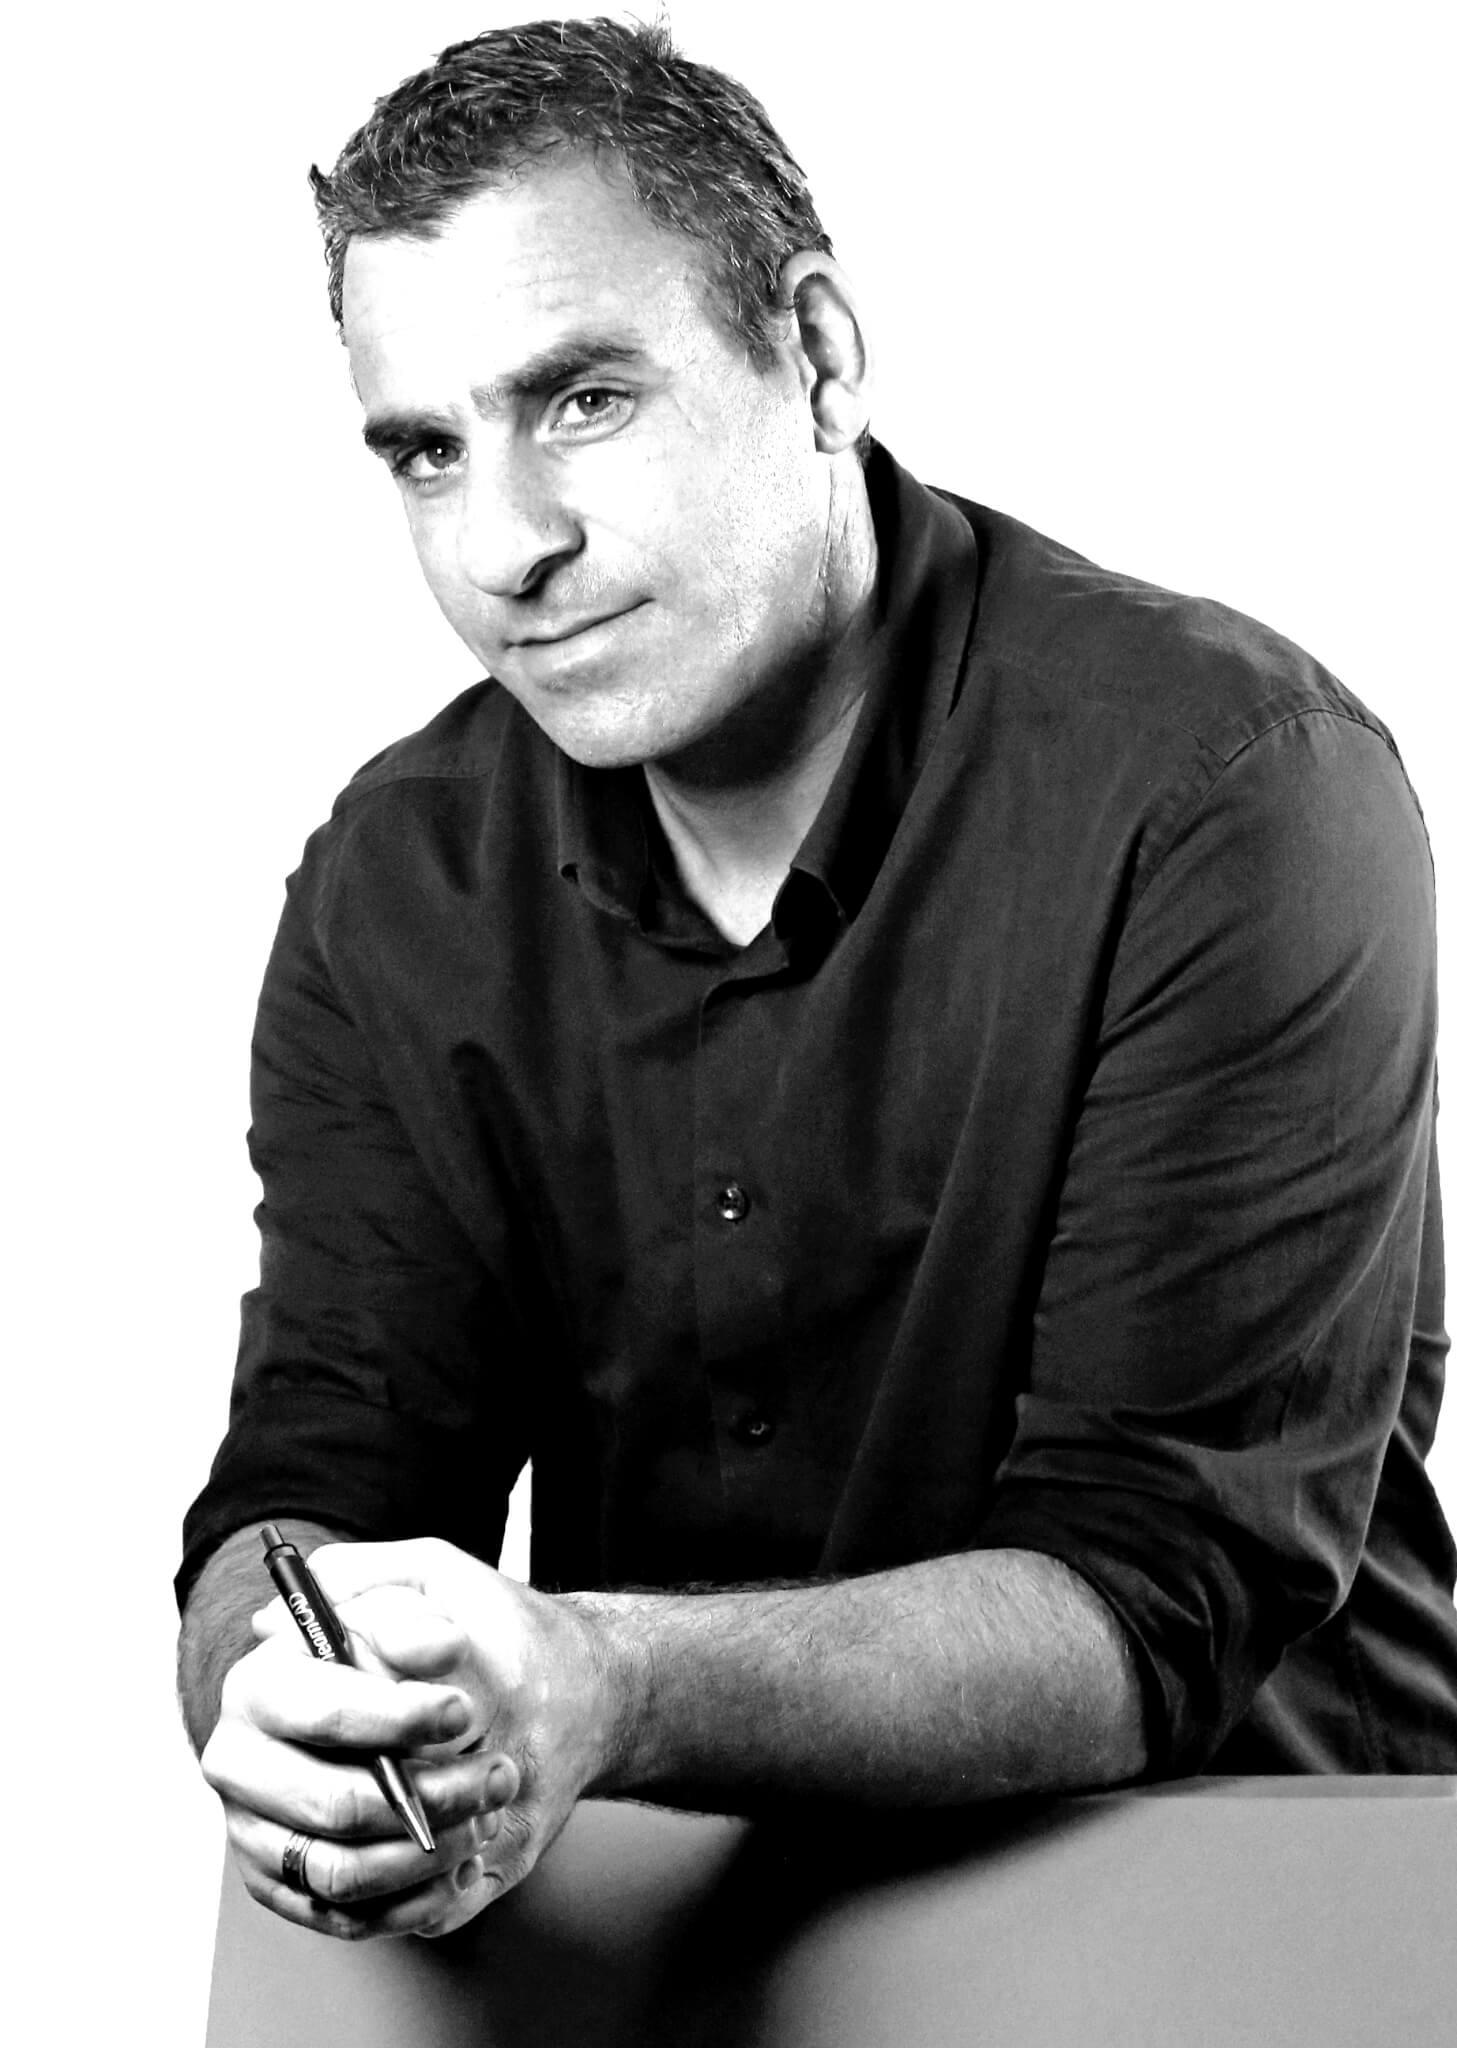 Dan Anzyo